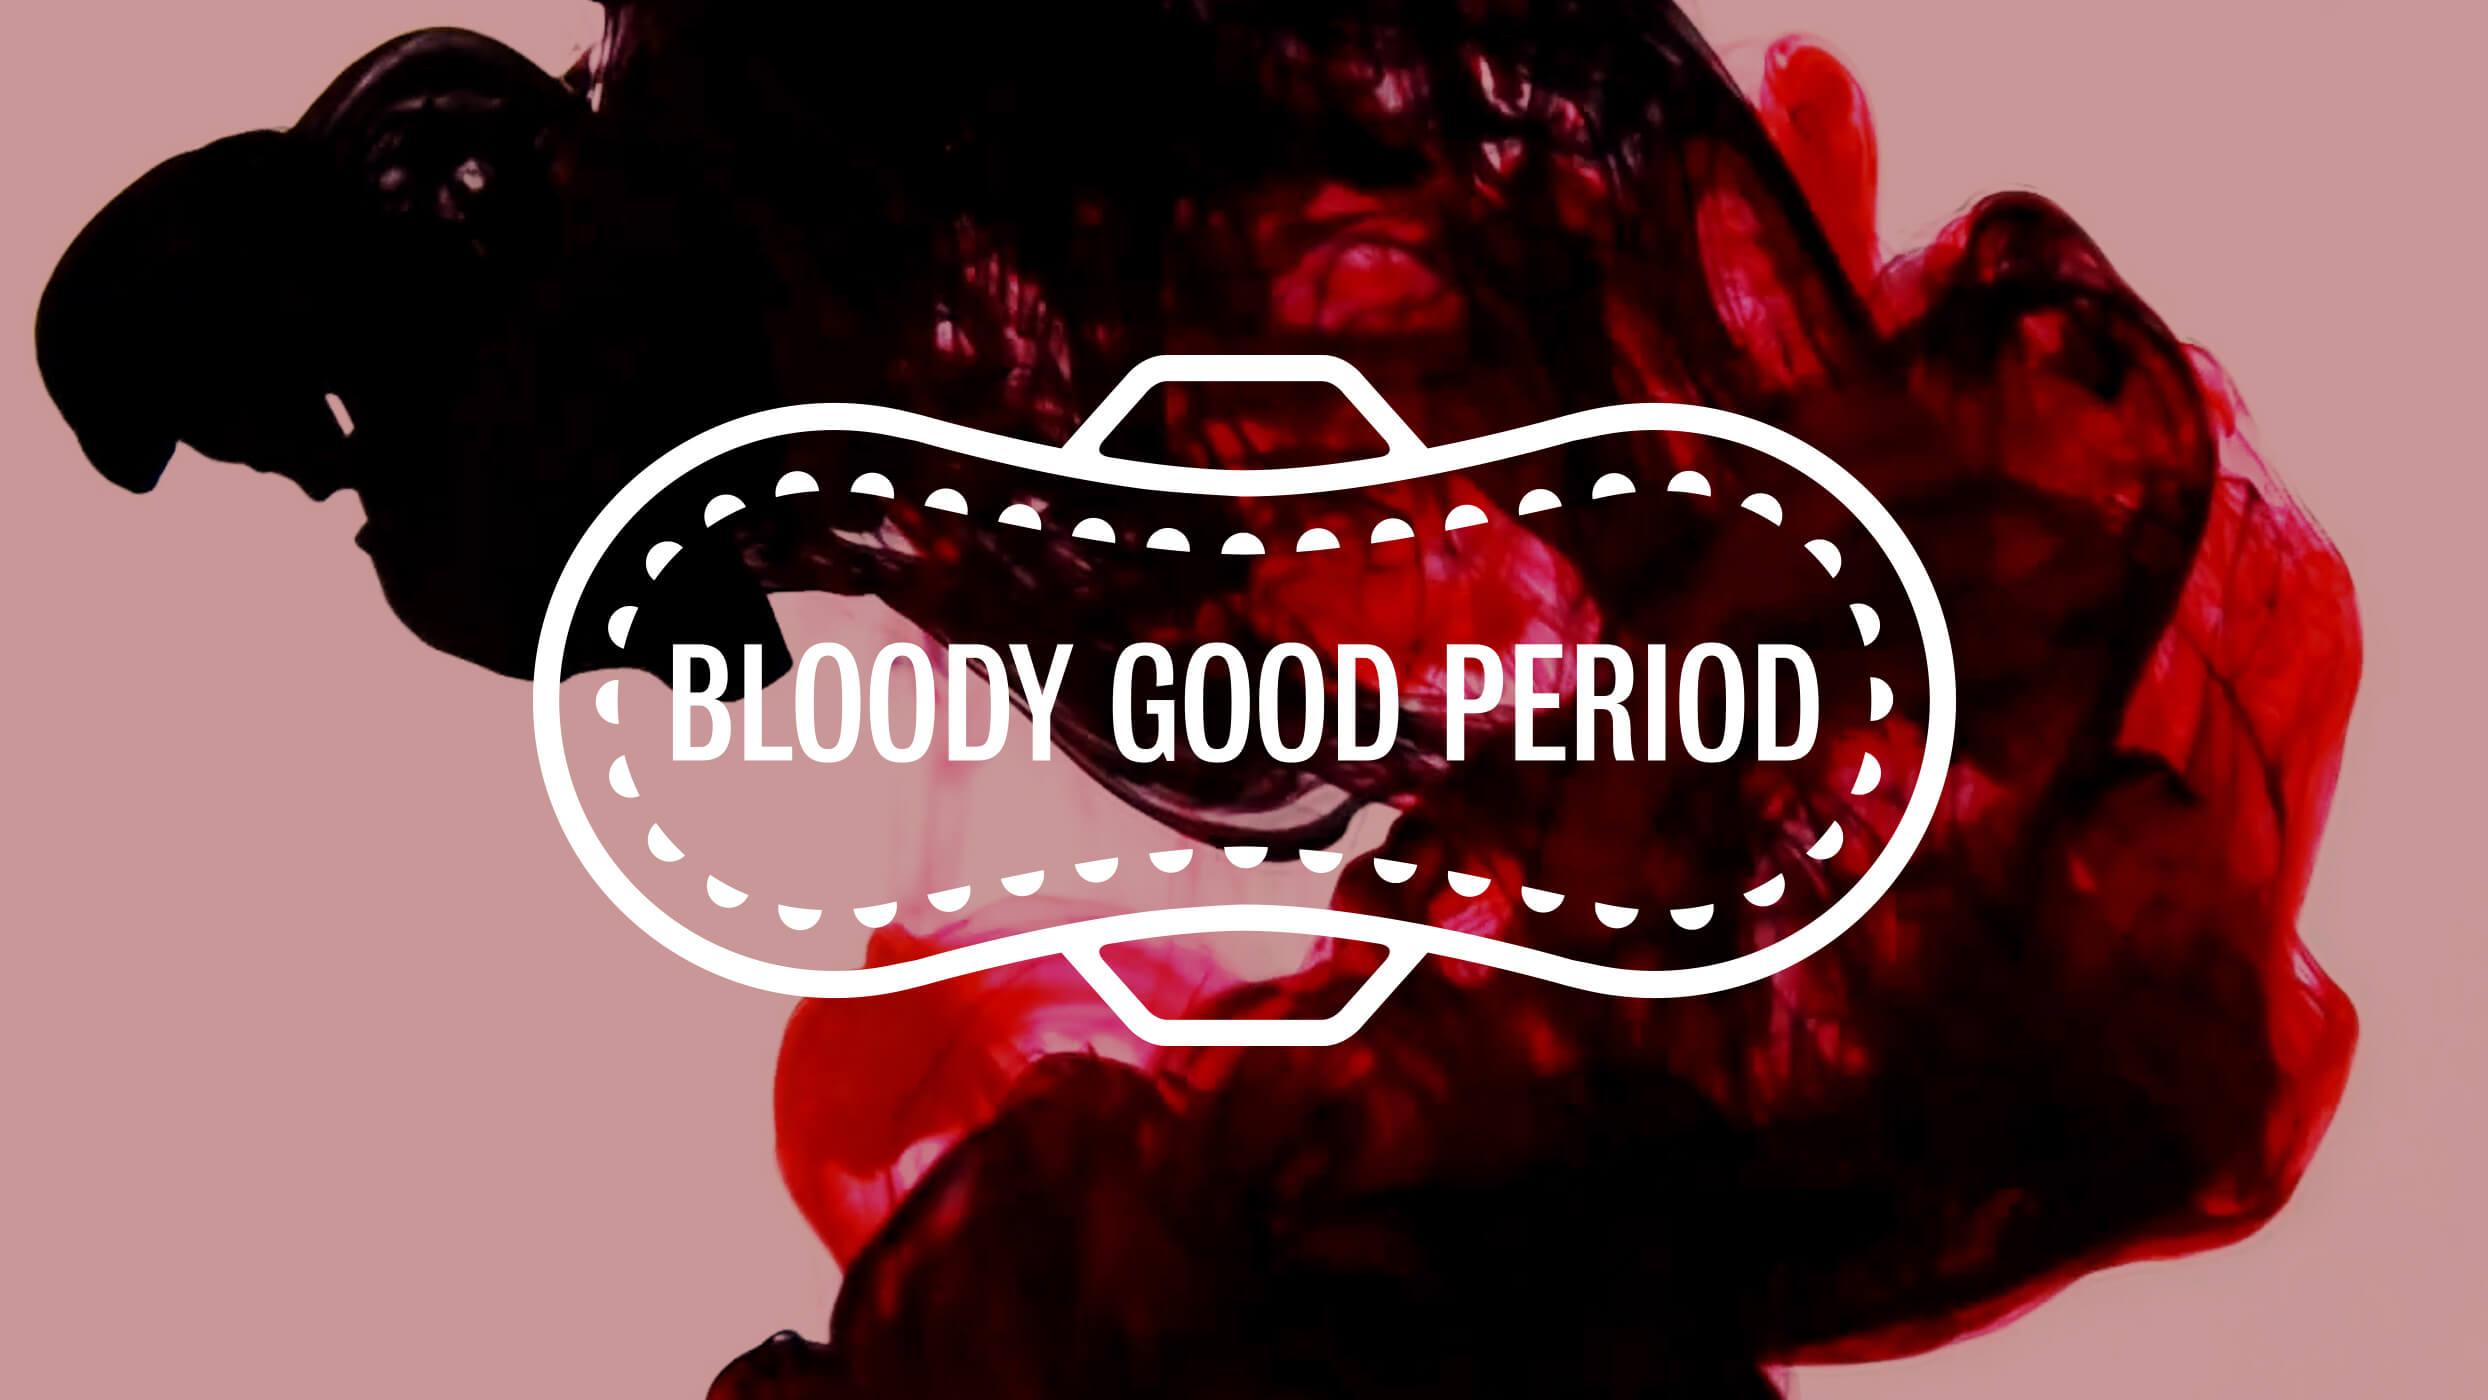 BloodyGoodPeriod_KatjaAlissaMueller_01